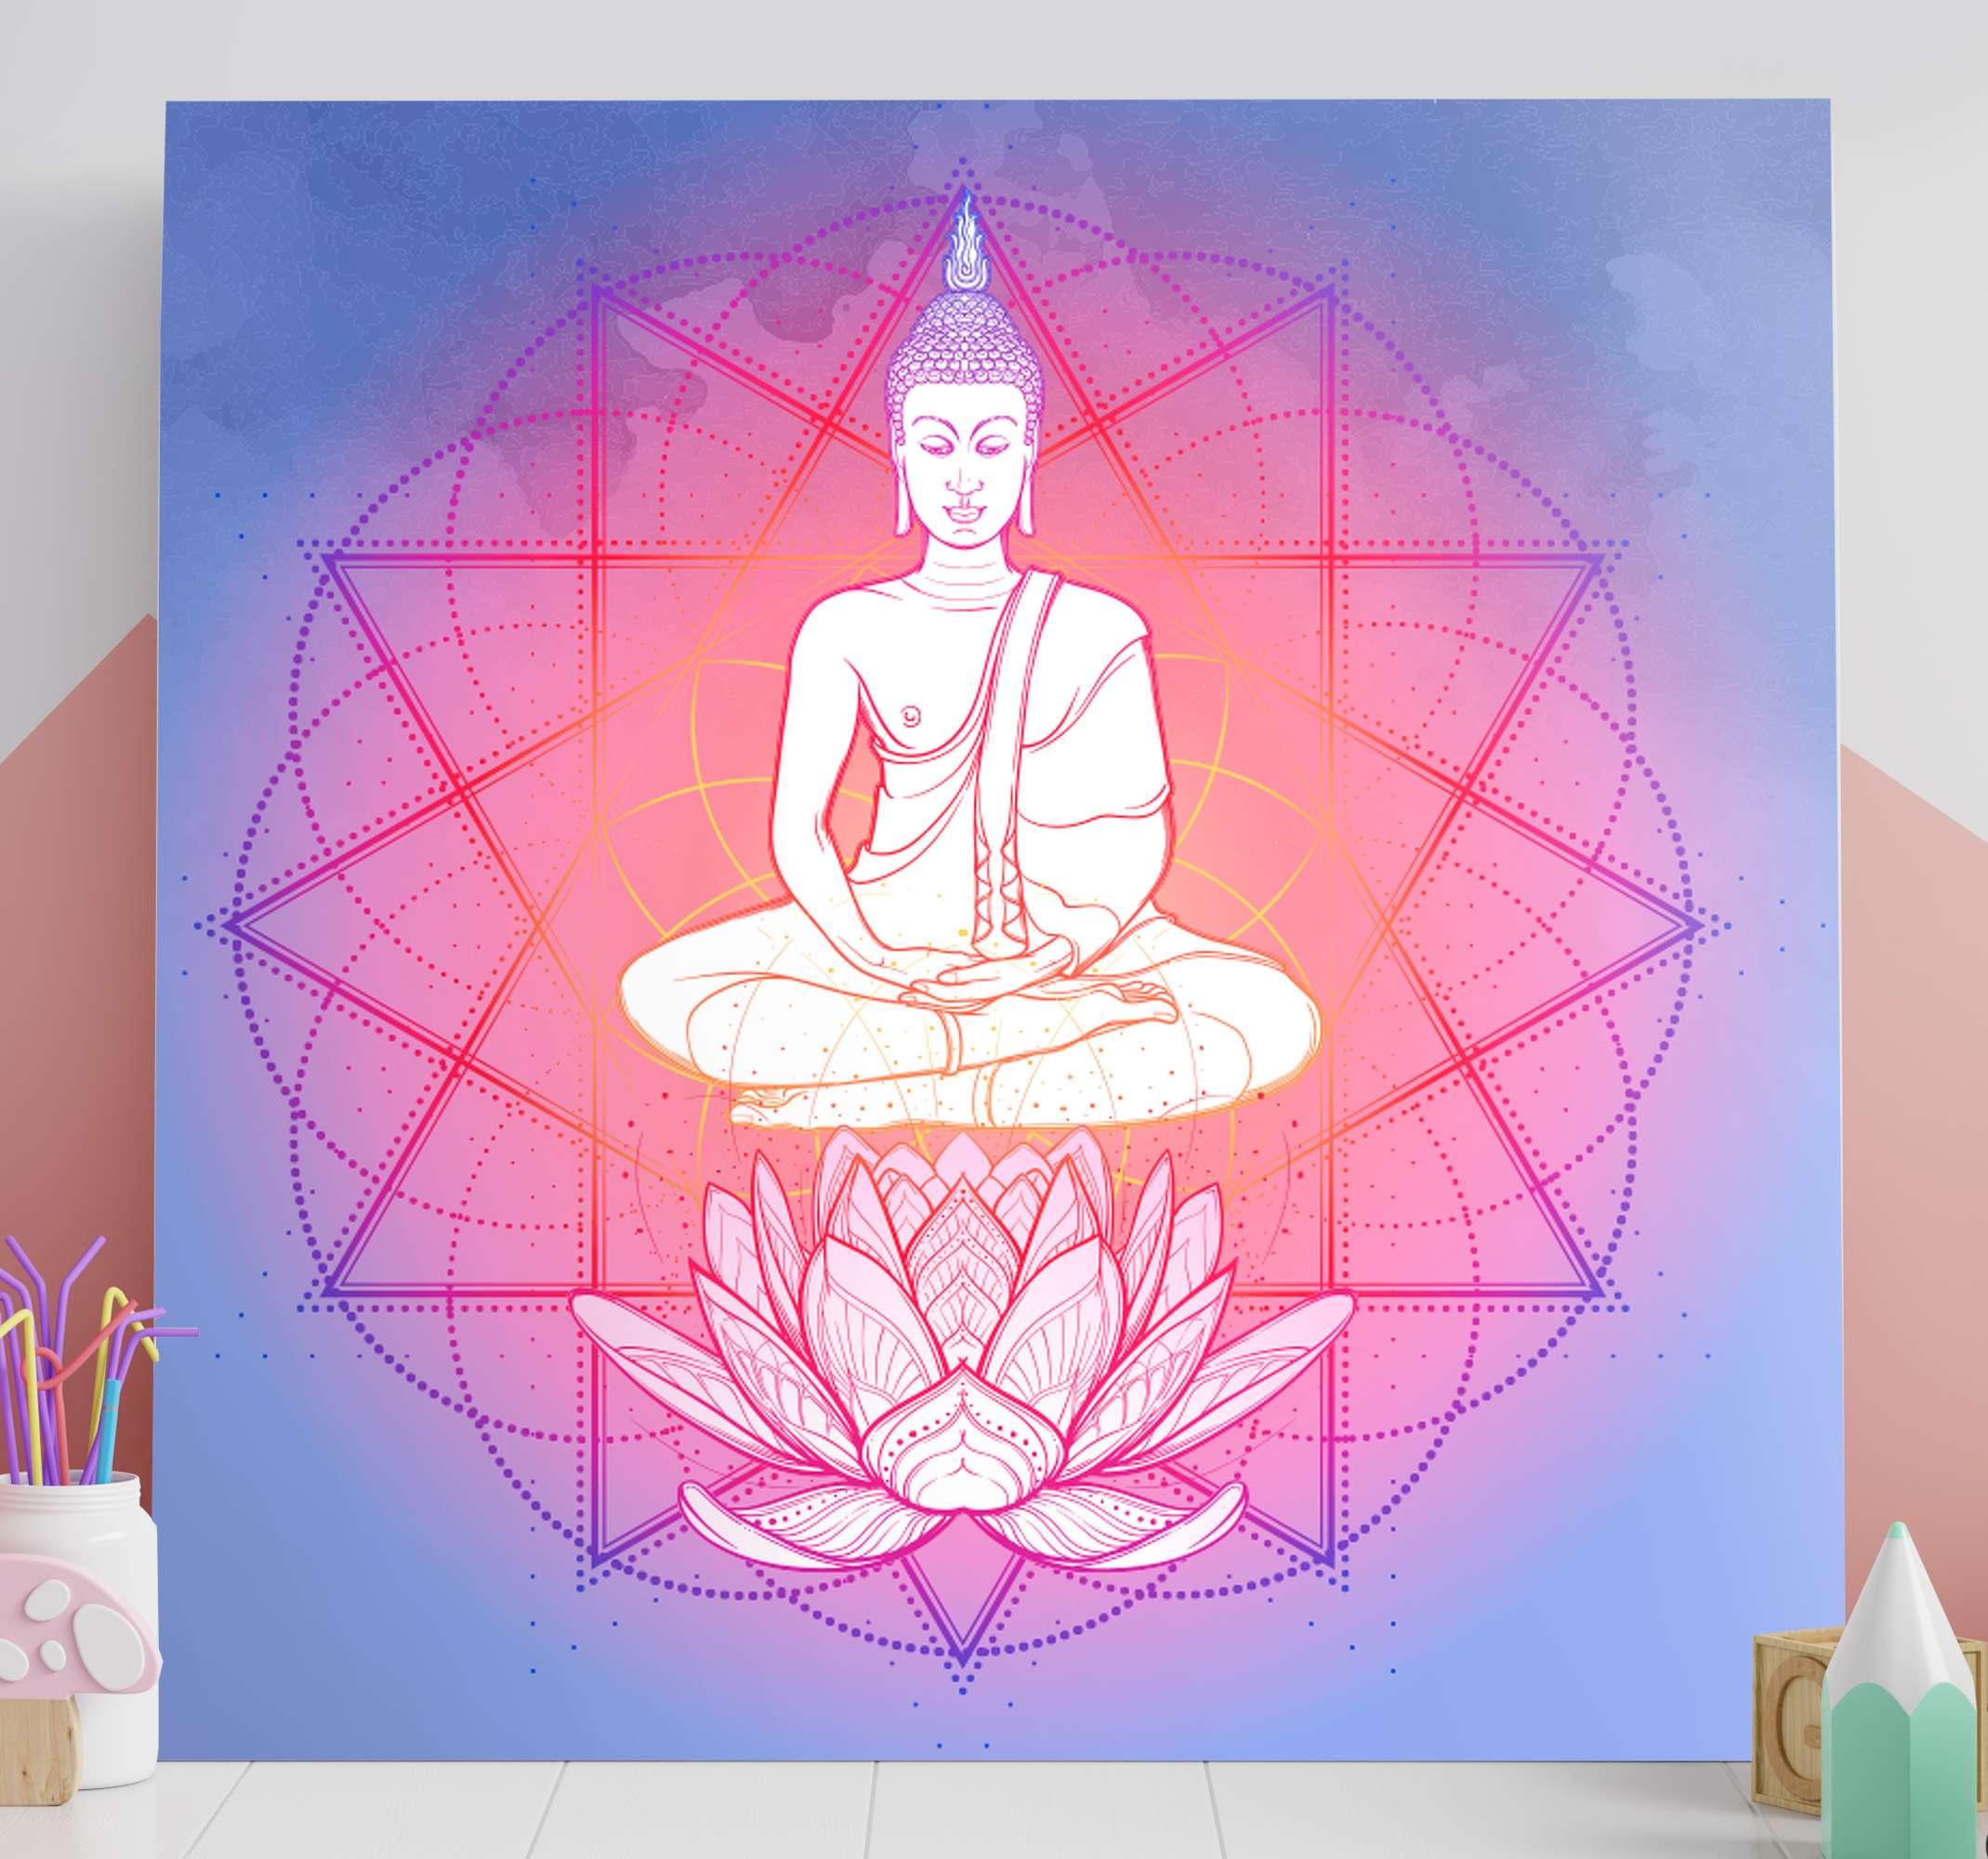 Tenstickers. Mandala buddha meditoi mandala canvastaulu. Buddha meditoi mandala-kangastaidetta - tämä voidaan sisustaa meditaatiotilaan tai huoneeseen. Valmistettu laadukkaasta materiaalista ja kestävä.